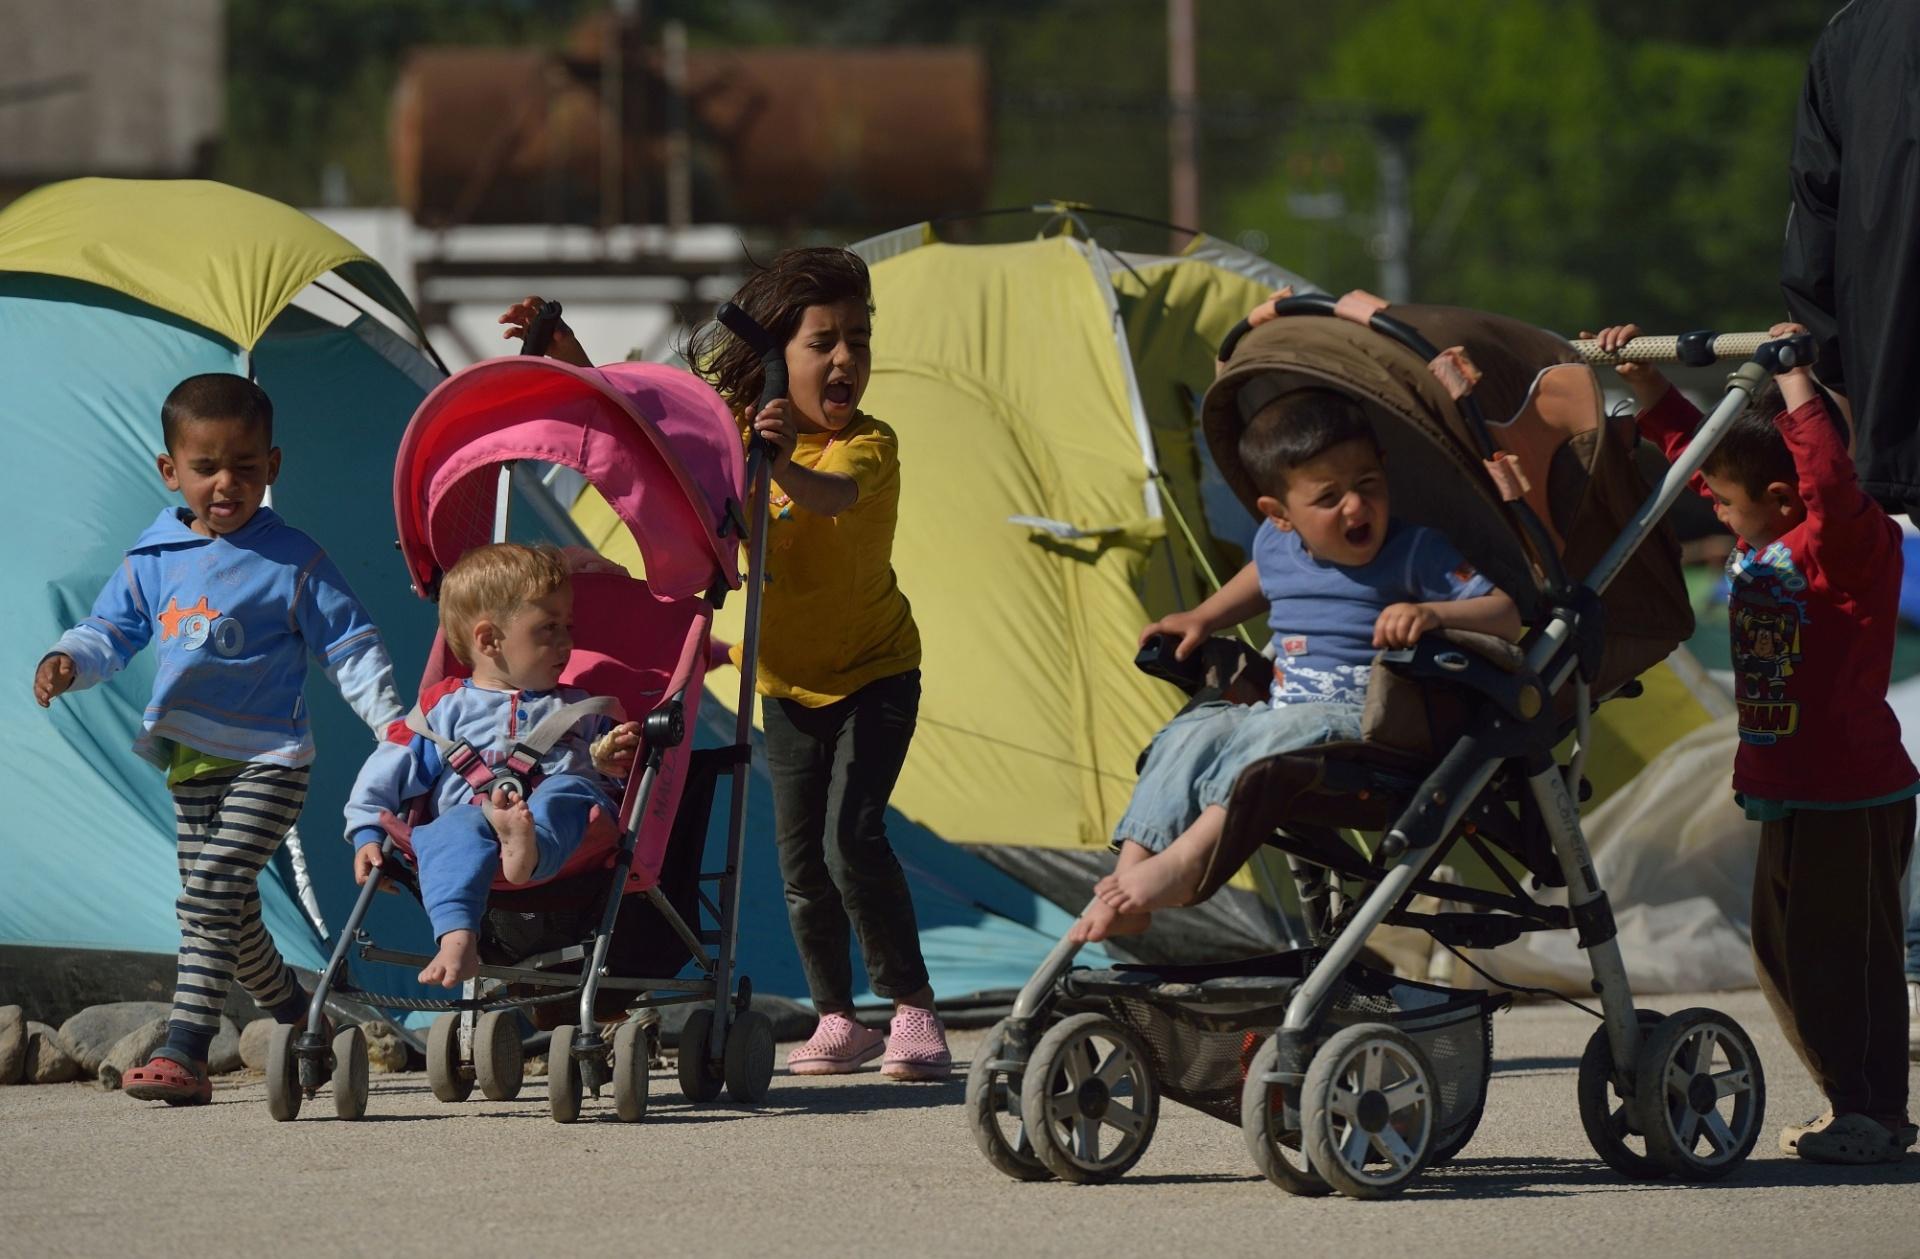 15.abr.2016 - Crianças brincam em acampamento improvisado na vila grega de Idomeni, localizada na fronteira com a Macedônia. Com milhares de pessoas acampadas na região, os países trocam acusações sobre a responsabilidade e condições enfrentadas pelos migrantes